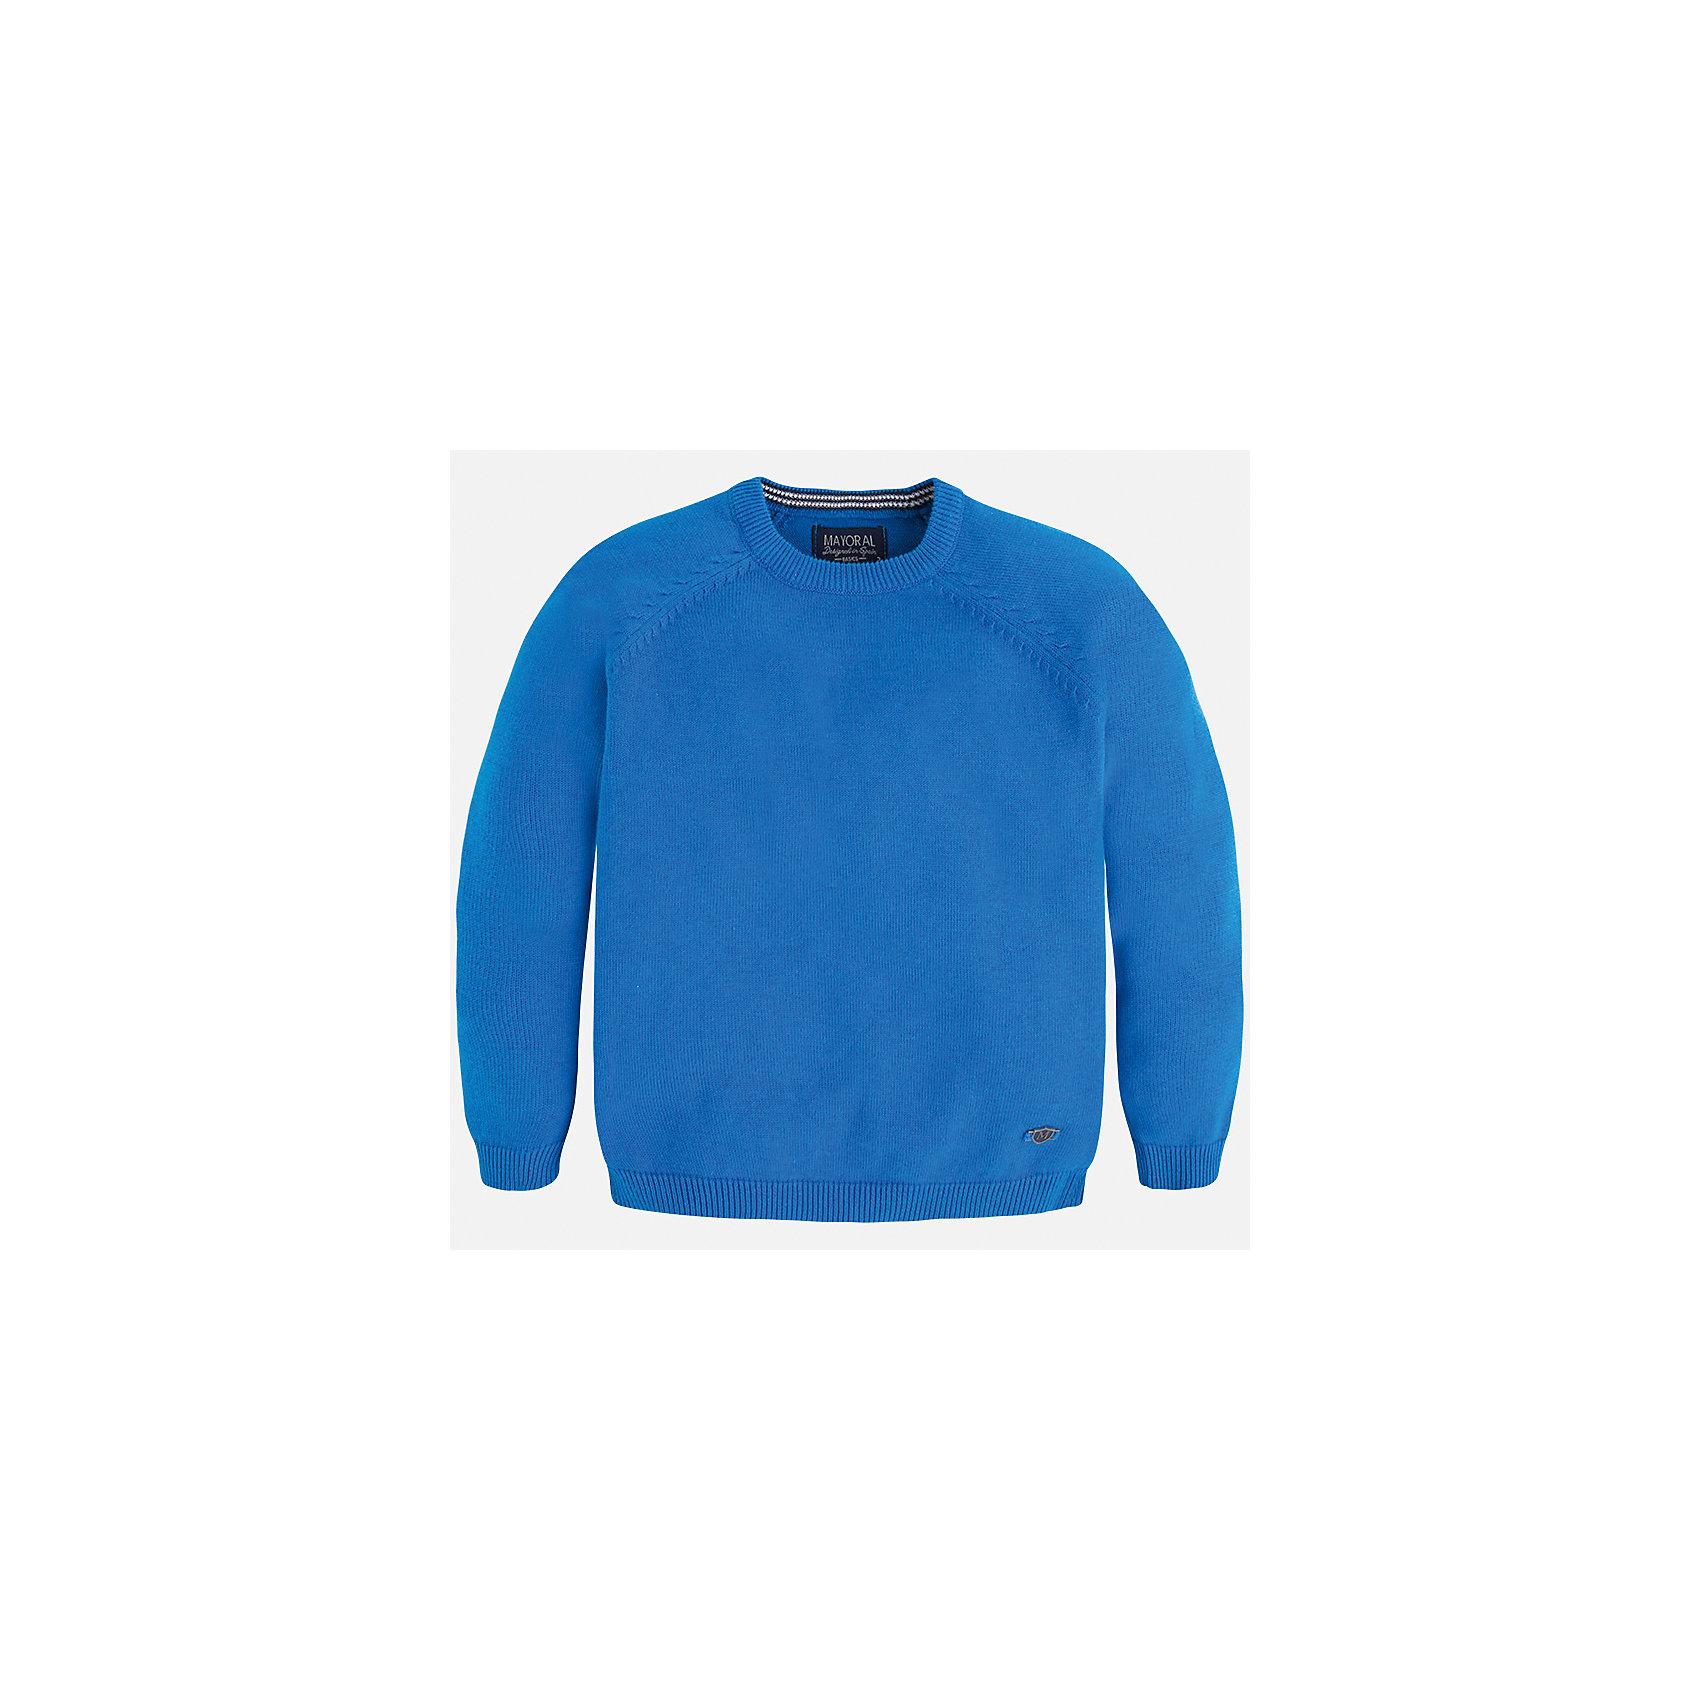 Свитер для мальчика MayoralСвитера и кардиганы<br>Характеристики товара:<br><br>• цвет: голубой<br>• состав: 60% хлопок, 30% полиэстер, 10% шерсть<br>• рукава длинные <br>• вышивка на груди<br>• округлая горловина<br>• манжеты<br>• страна бренда: Испания<br><br>Удобный и красивый свитер для мальчика поможет разнообразить гардероб ребенка и обеспечить тепло. Он отлично сочетается и с джинсами, и с брюками. Универсальный цвет позволяет подобрать к вещи низ различных расцветок. Интересная отделка модели делает её нарядной и оригинальной. В составе материала - натуральный хлопок, гипоаллергенный, приятный на ощупь, дышащий.<br><br>Одежда, обувь и аксессуары от испанского бренда Mayoral полюбились детям и взрослым по всему миру. Модели этой марки - стильные и удобные. Для их производства используются только безопасные, качественные материалы и фурнитура. Порадуйте ребенка модными и красивыми вещами от Mayoral! <br><br>Свитер для мальчика от испанского бренда Mayoral (Майорал) можно купить в нашем интернет-магазине.<br><br>Ширина мм: 190<br>Глубина мм: 74<br>Высота мм: 229<br>Вес г: 236<br>Цвет: синий<br>Возраст от месяцев: 84<br>Возраст до месяцев: 96<br>Пол: Мужской<br>Возраст: Детский<br>Размер: 110,122,134,116,128<br>SKU: 5277997